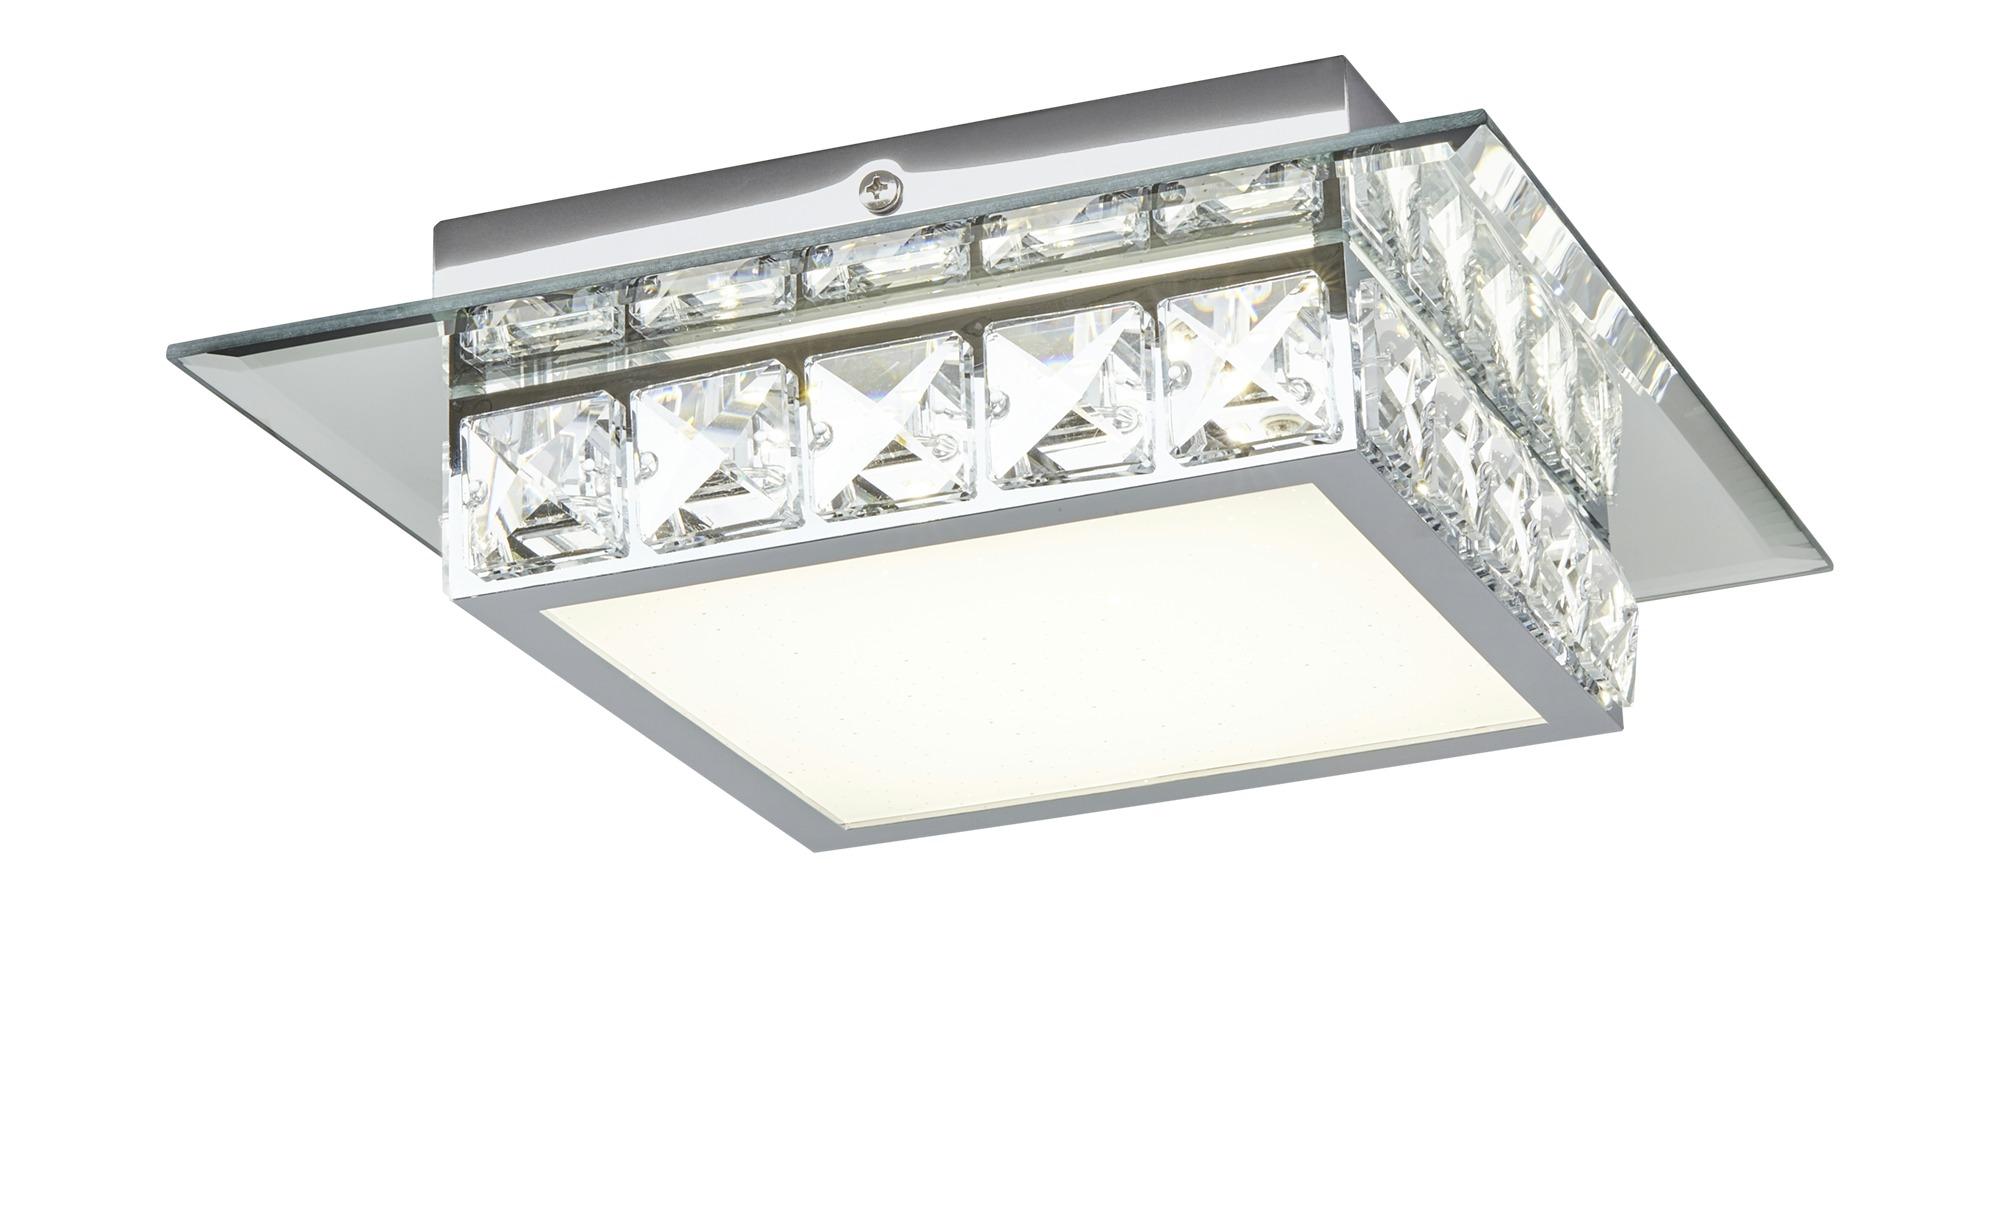 KHG LED-Deckenleuchte, 1-flammig, Kristall ¦ silber ¦ Maße (cm): B: 24,8 H: 7 Ø: [24.8] Lampen & Leuchten > Innenleuchten > Deckenleuchten - Höffner